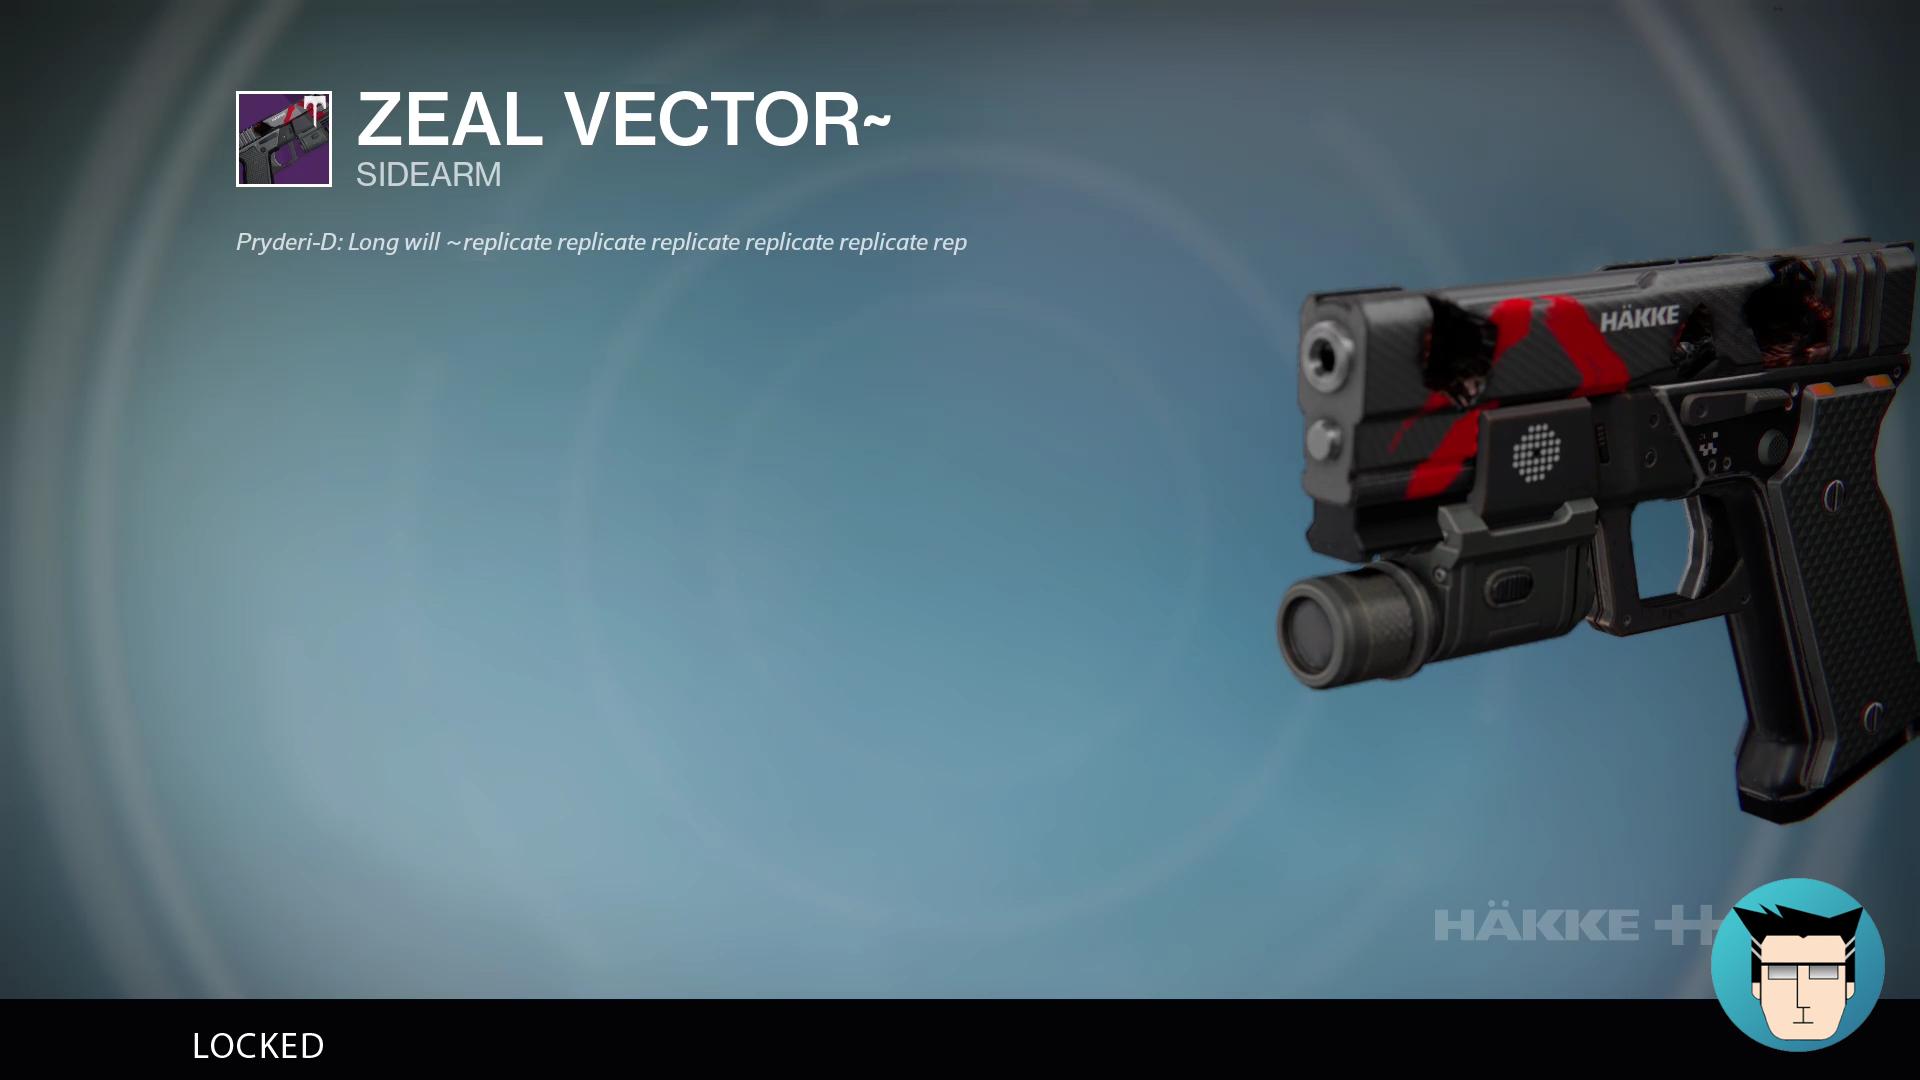 Zeal Vector | Locked